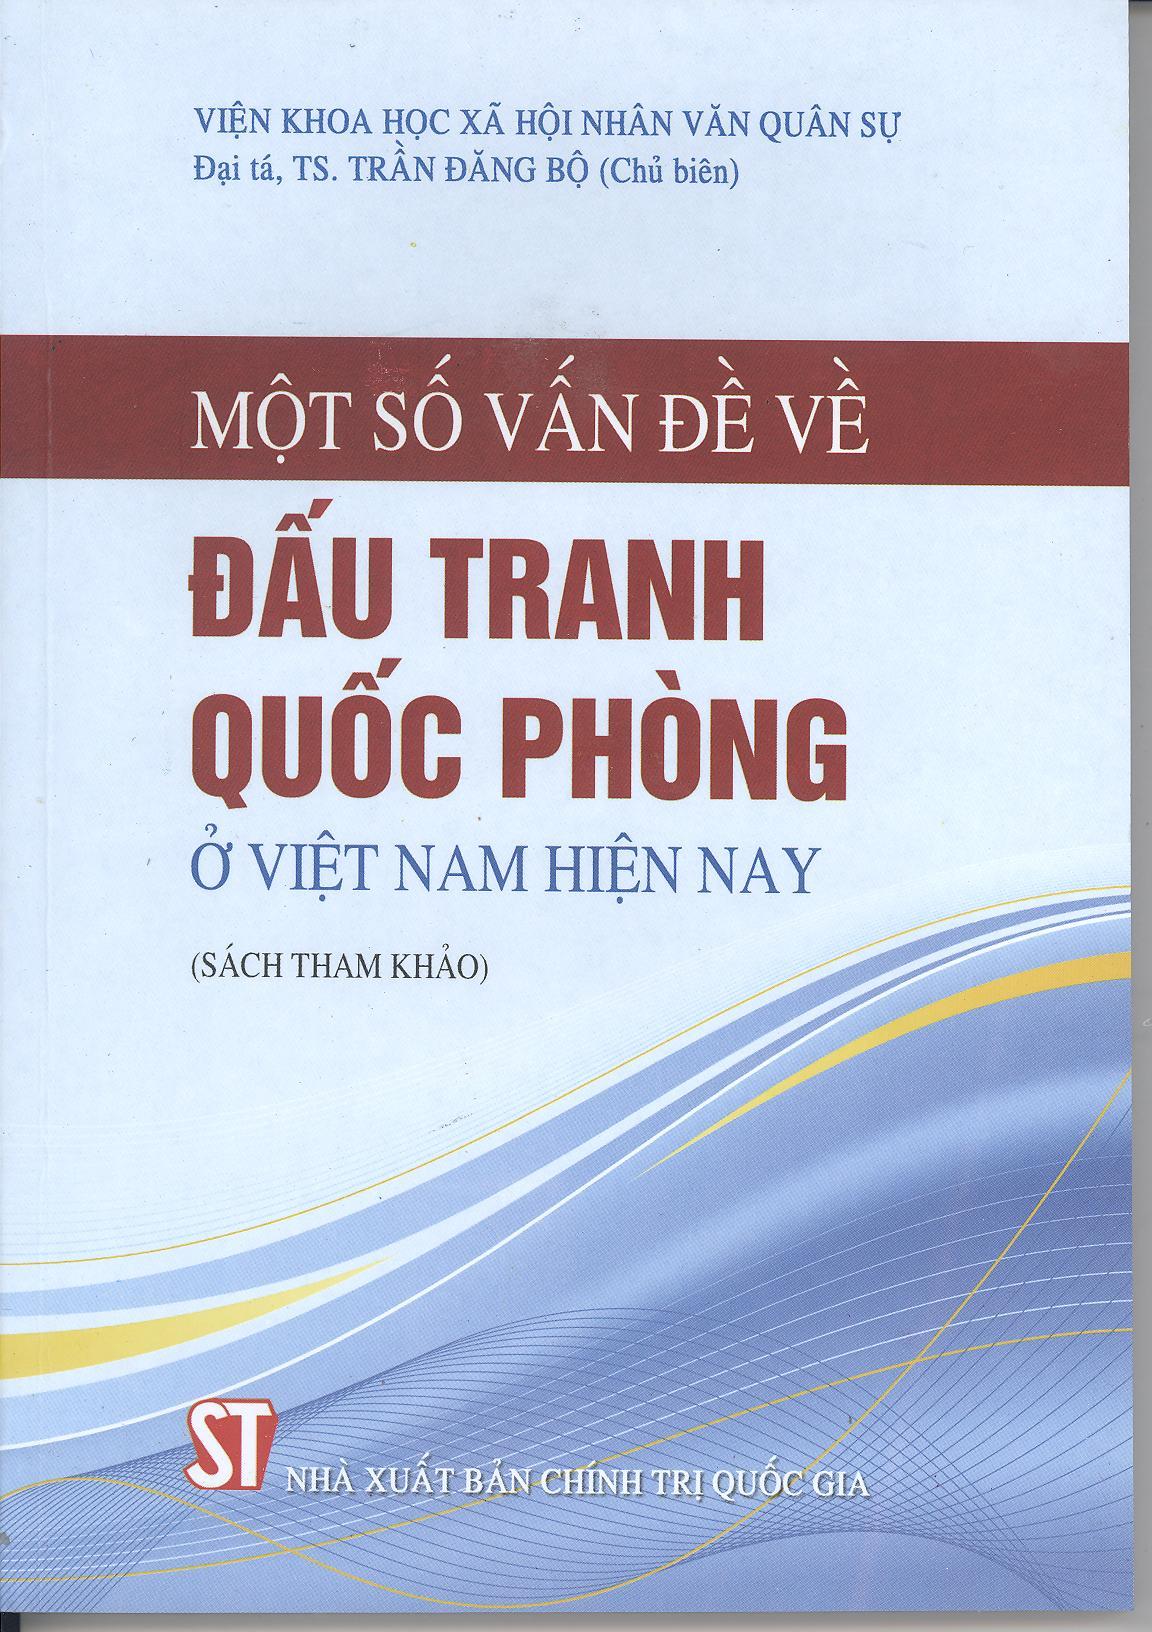 Một số vấn đề về đấu tranh quốc phòng ở Việt Nam hiện nay